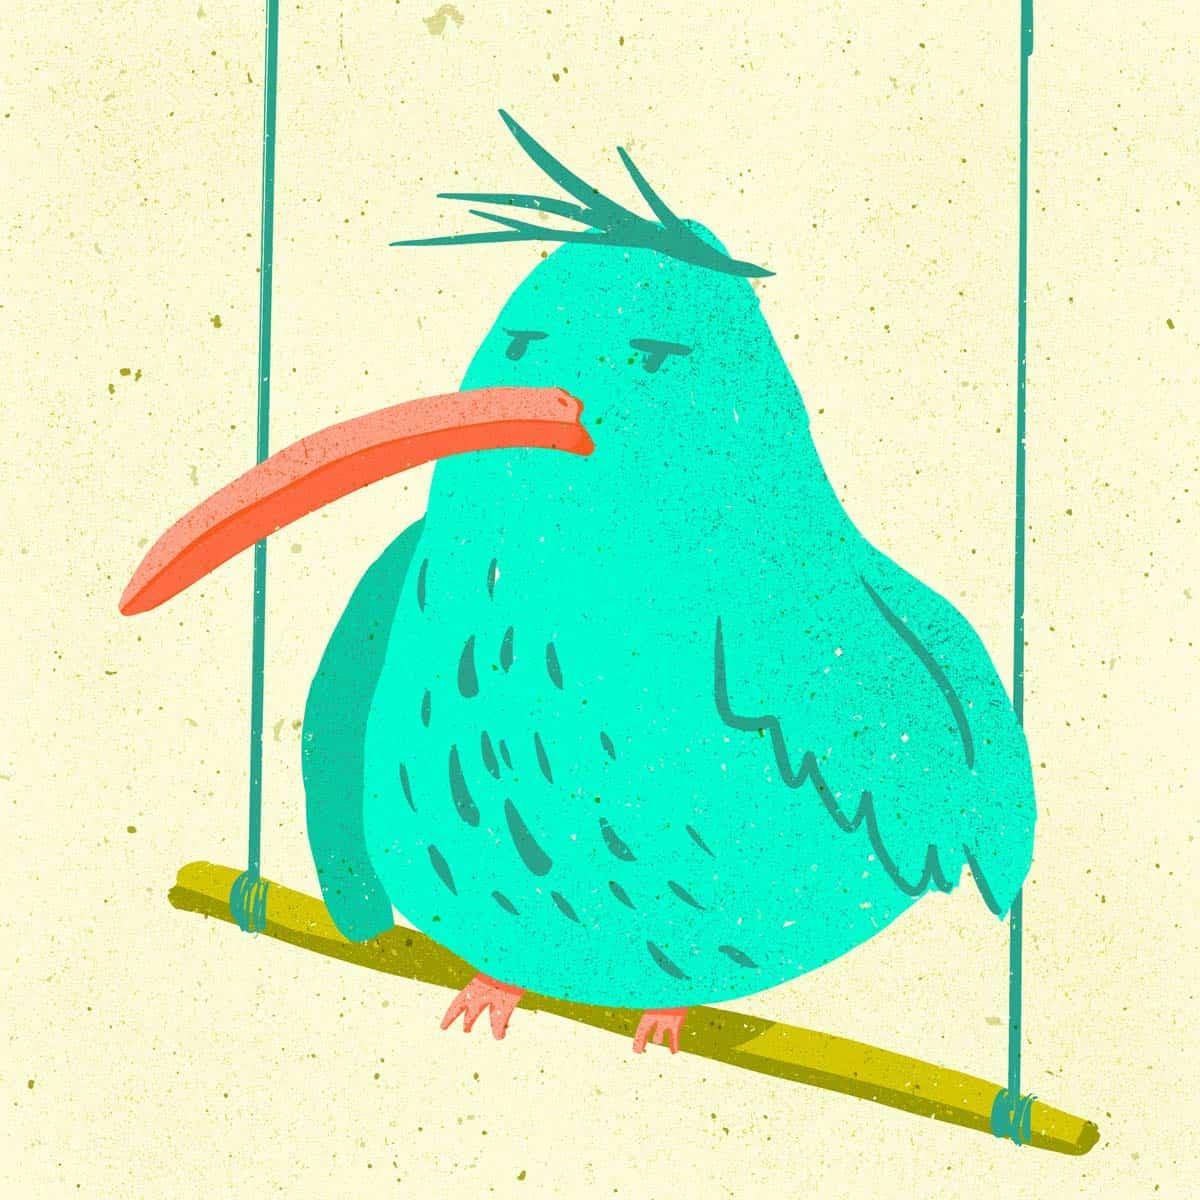 hilledesign-illustration-annoyed-animals-bird